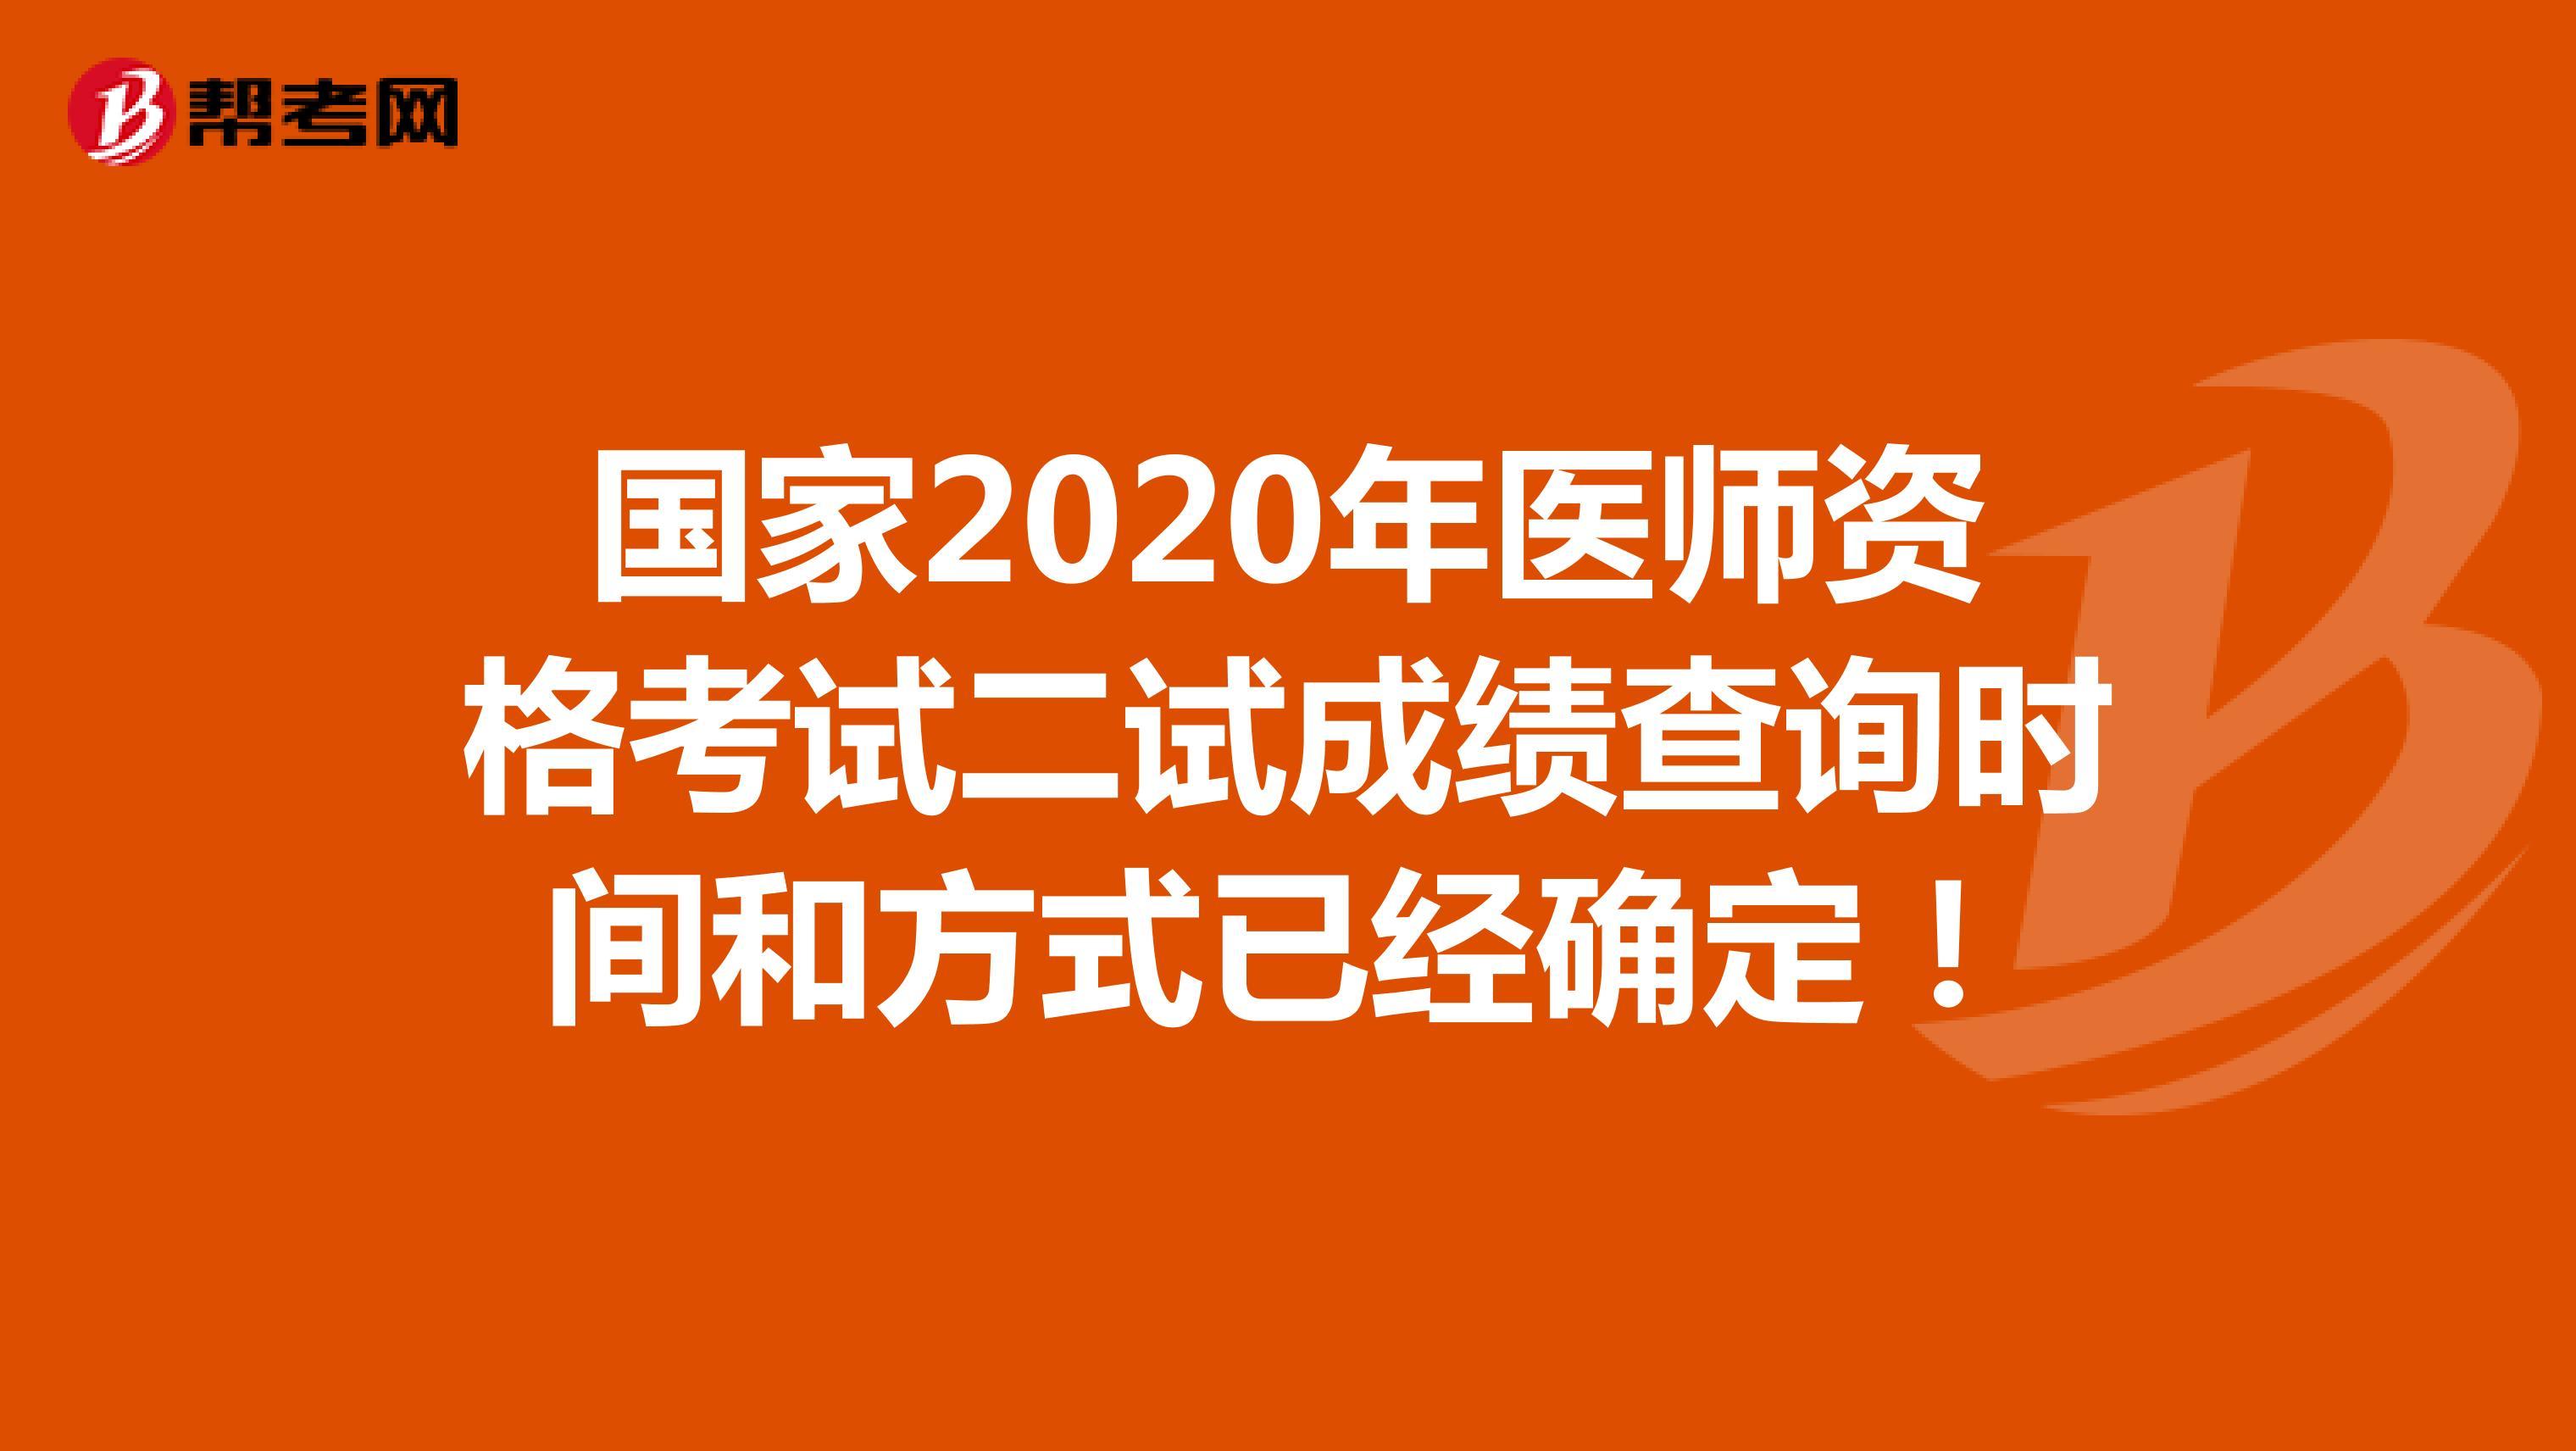 国家2020年医师资格考试二试成绩查询时间和方式已经确定!